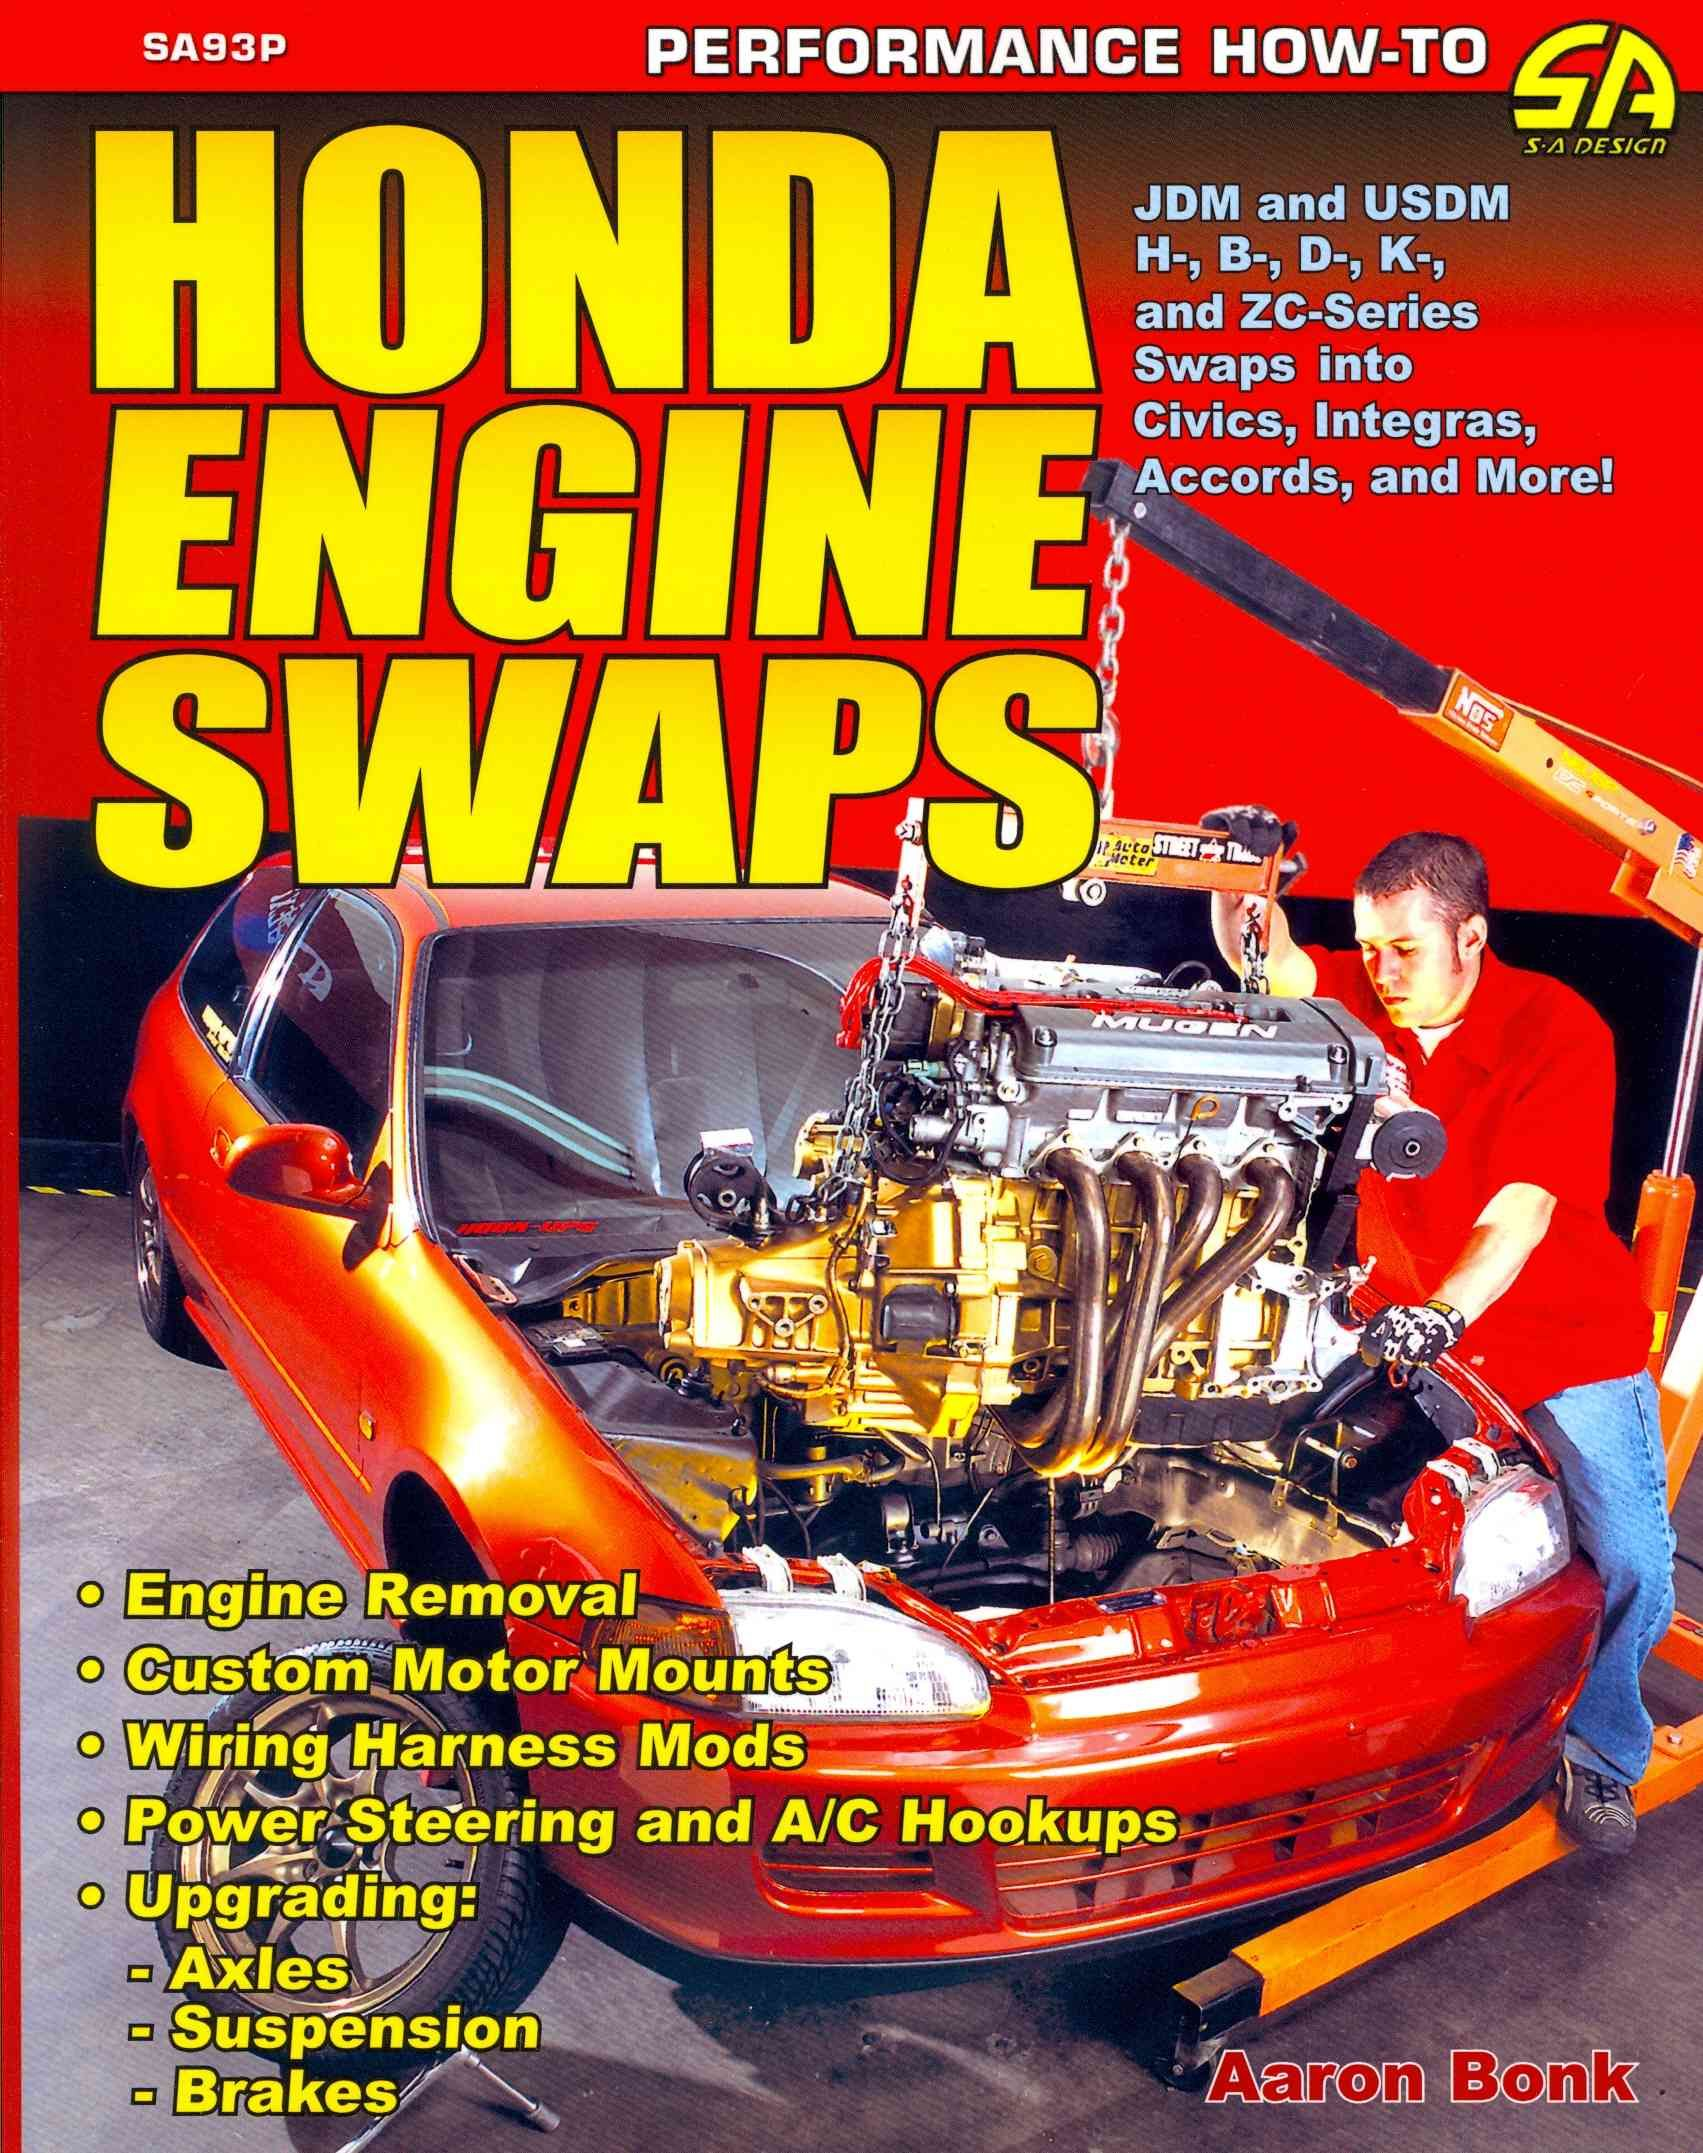 2007 honda civic honda civic hatchback vtec engine car [ 1703 x 2153 Pixel ]